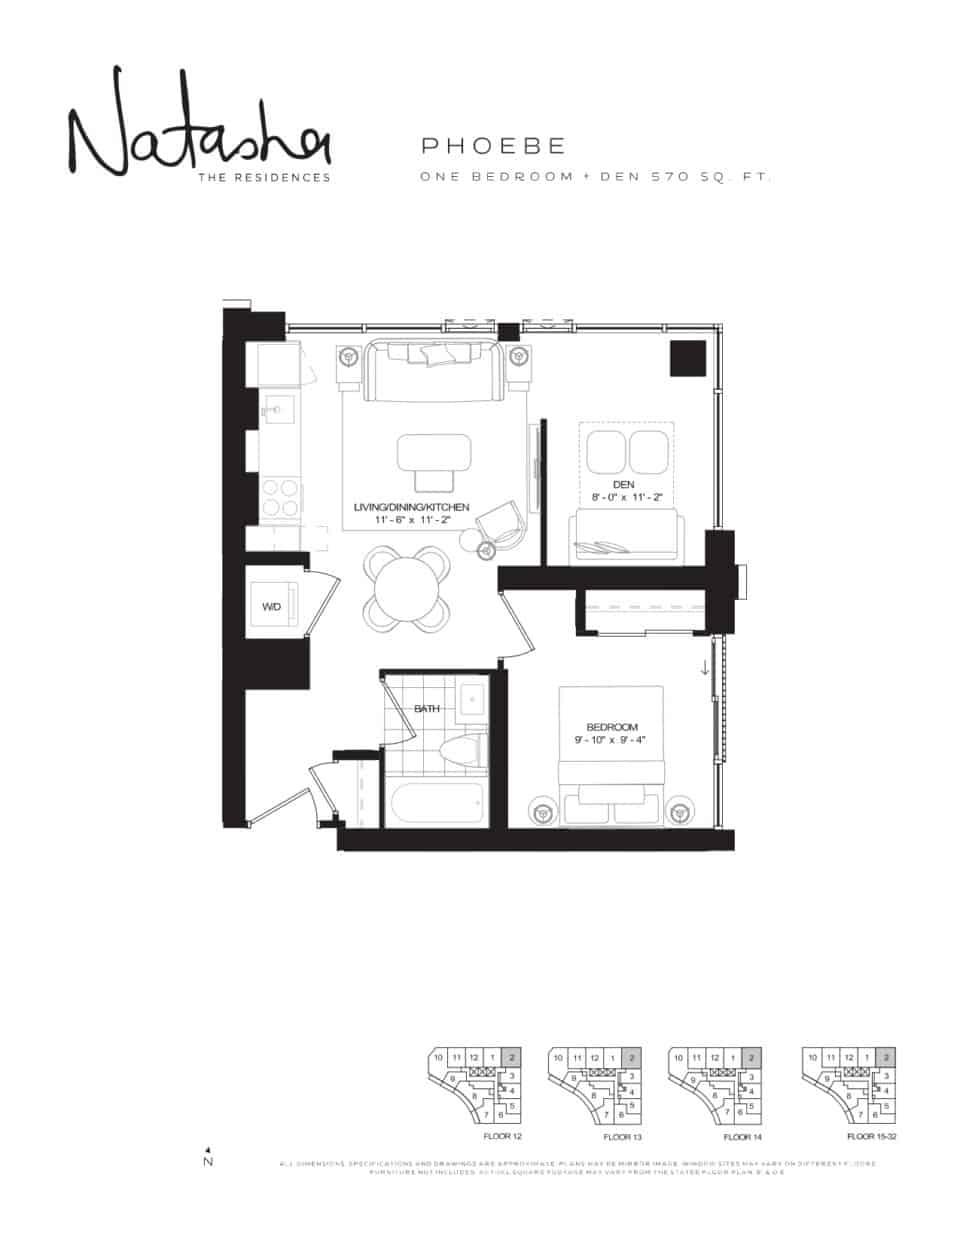 2021 09 02 11 02 58 natashatheresidences lanterradevelopments floorplans phoebe